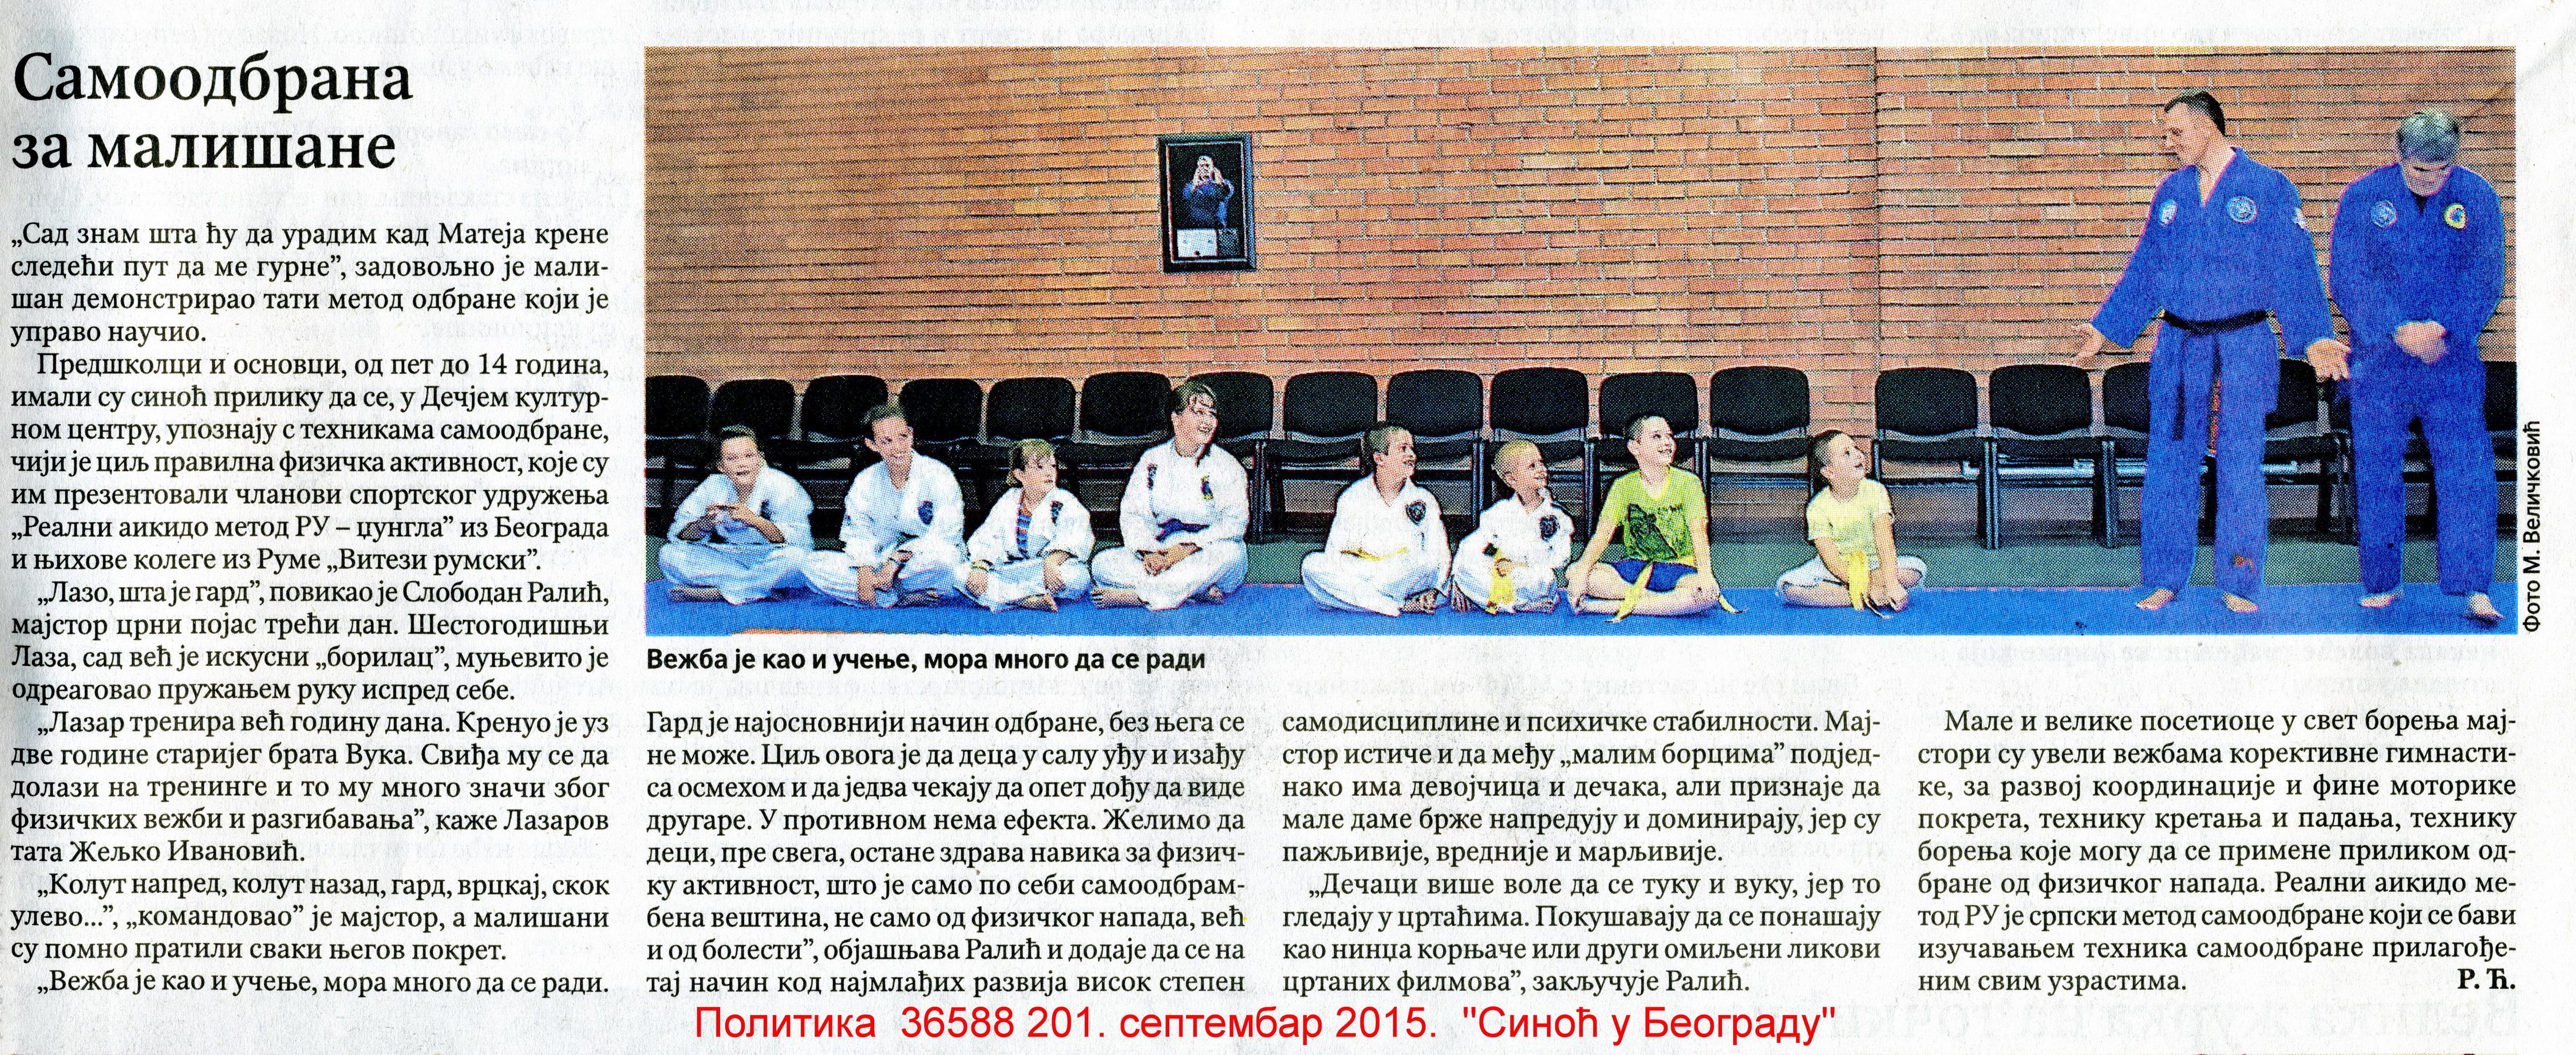 20150920  DKCB  Aikido